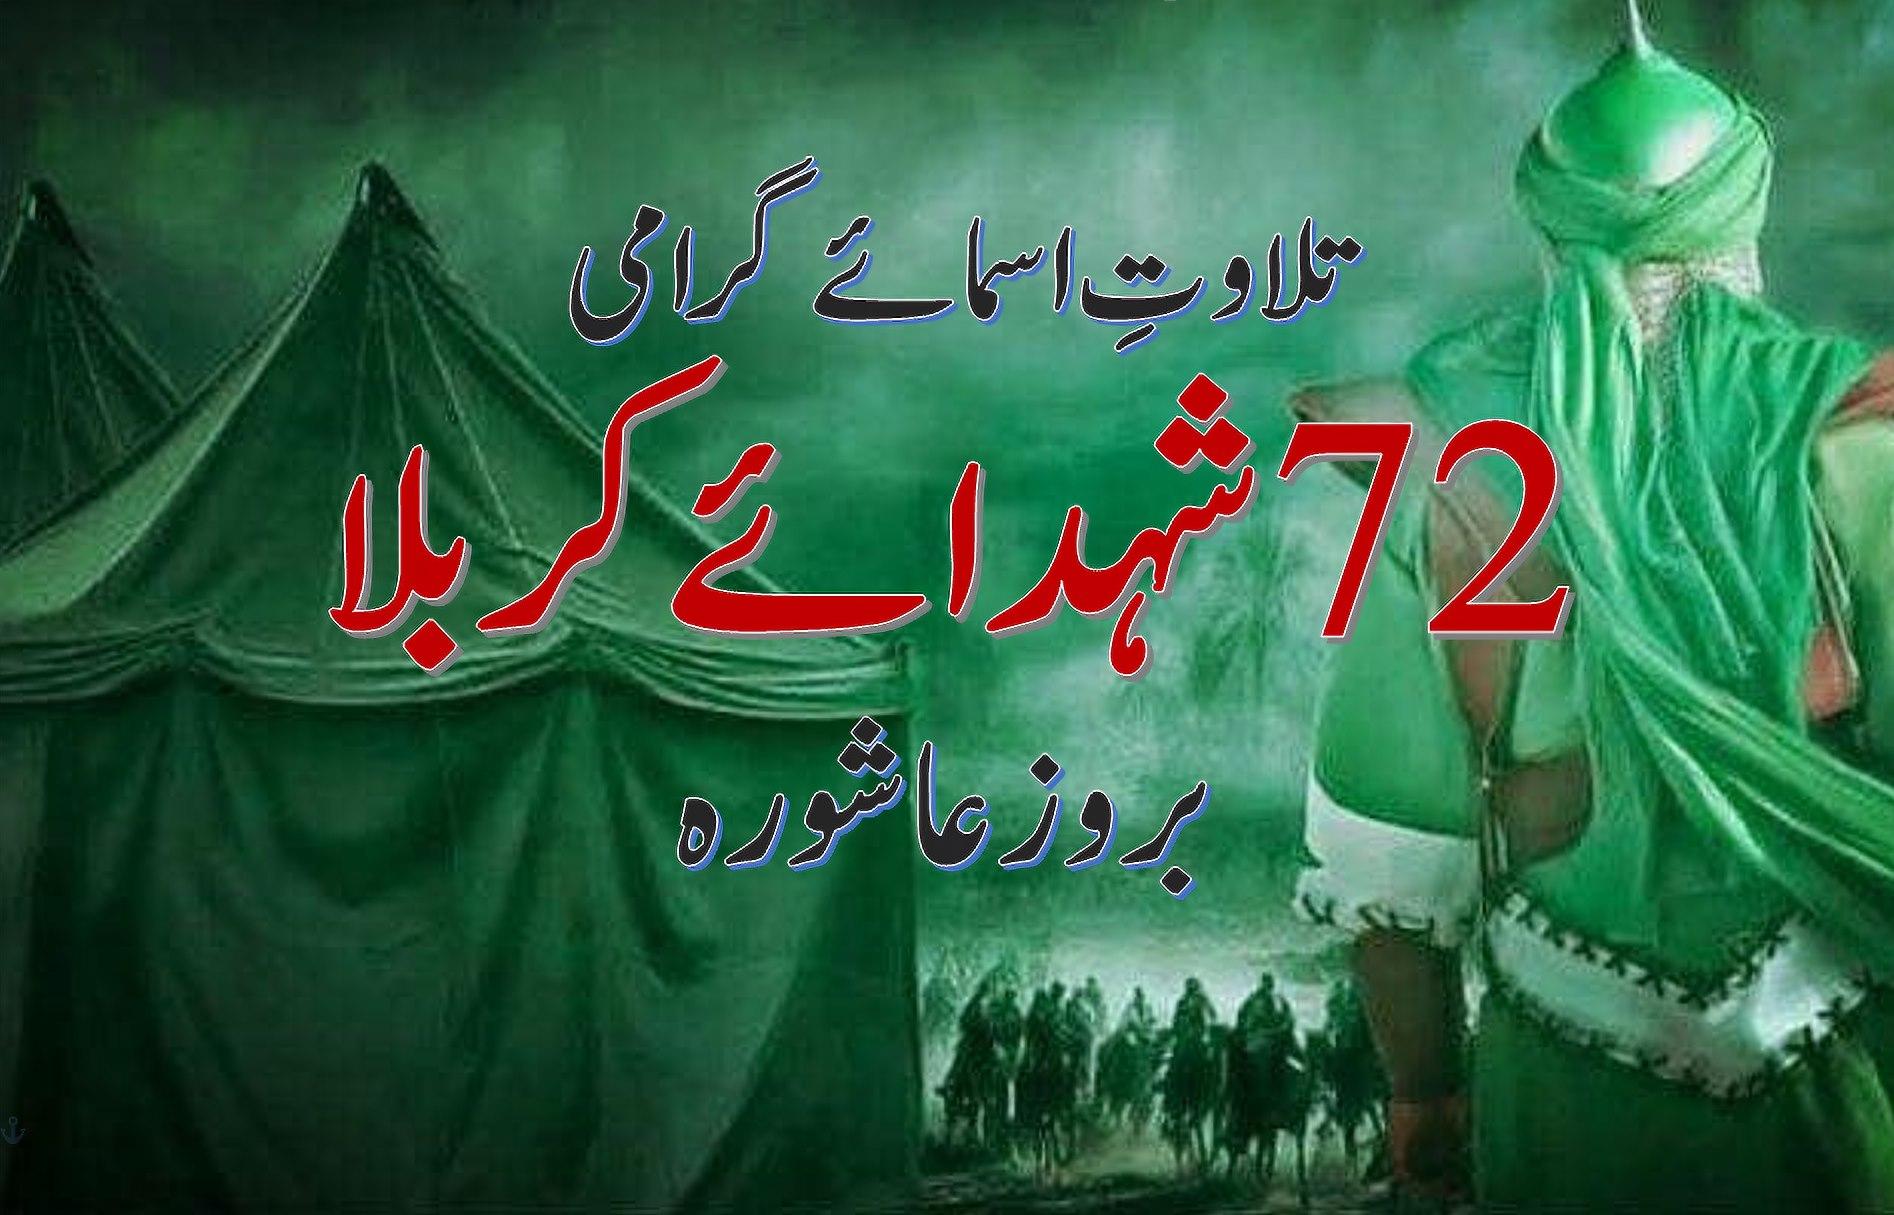 تلاوتِ اسمائے گرامی 72 شہدائے کربلا ، بروز عاشورہ  72 Martyrs of Karbala   حضرت ...